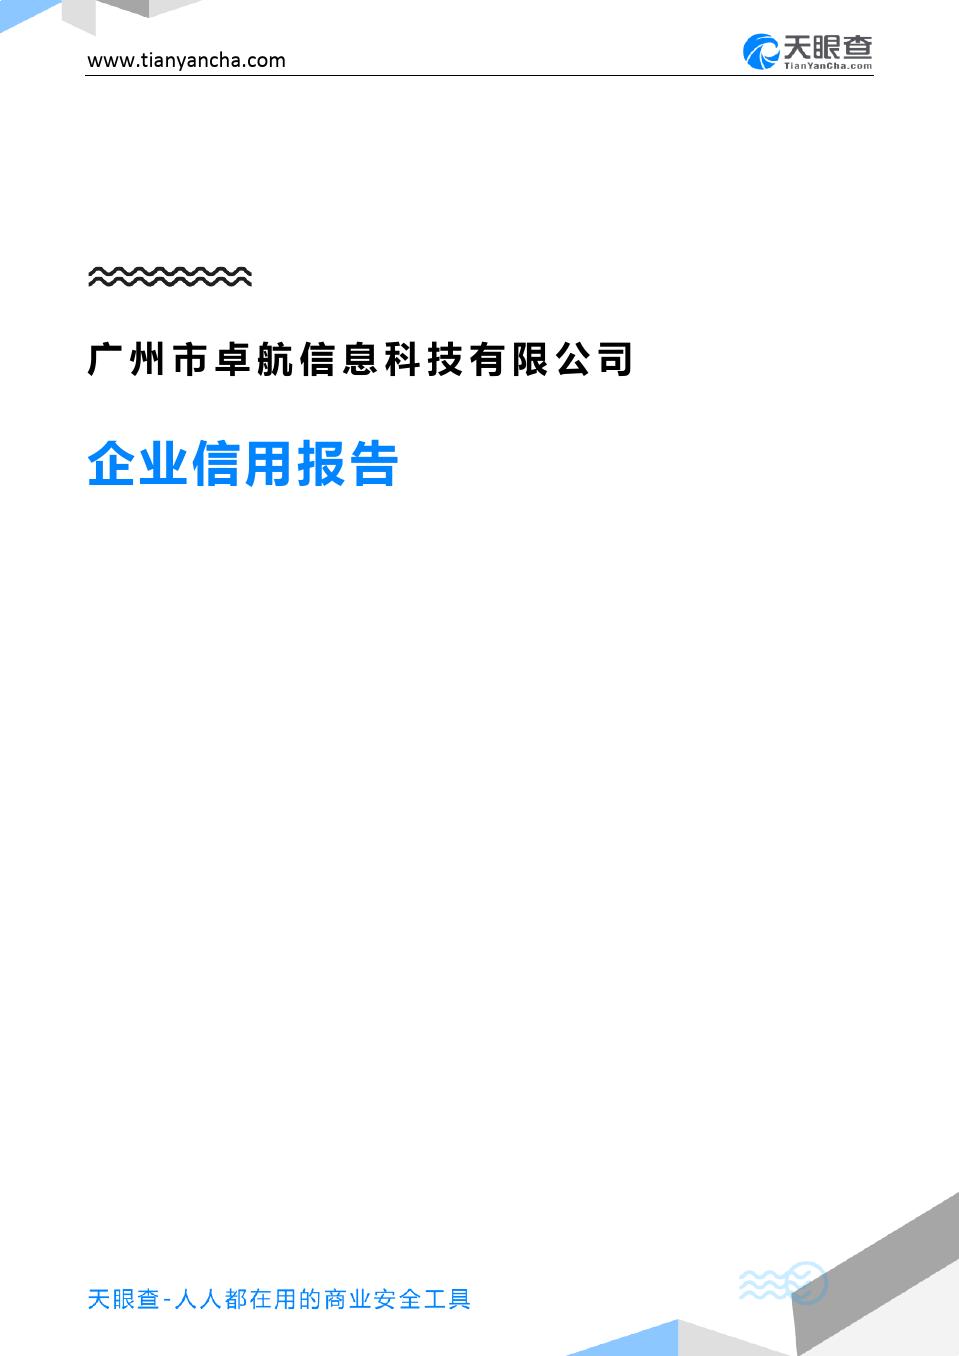 广州市卓航信息科技有限公司(企业信用报告)- 天眼查